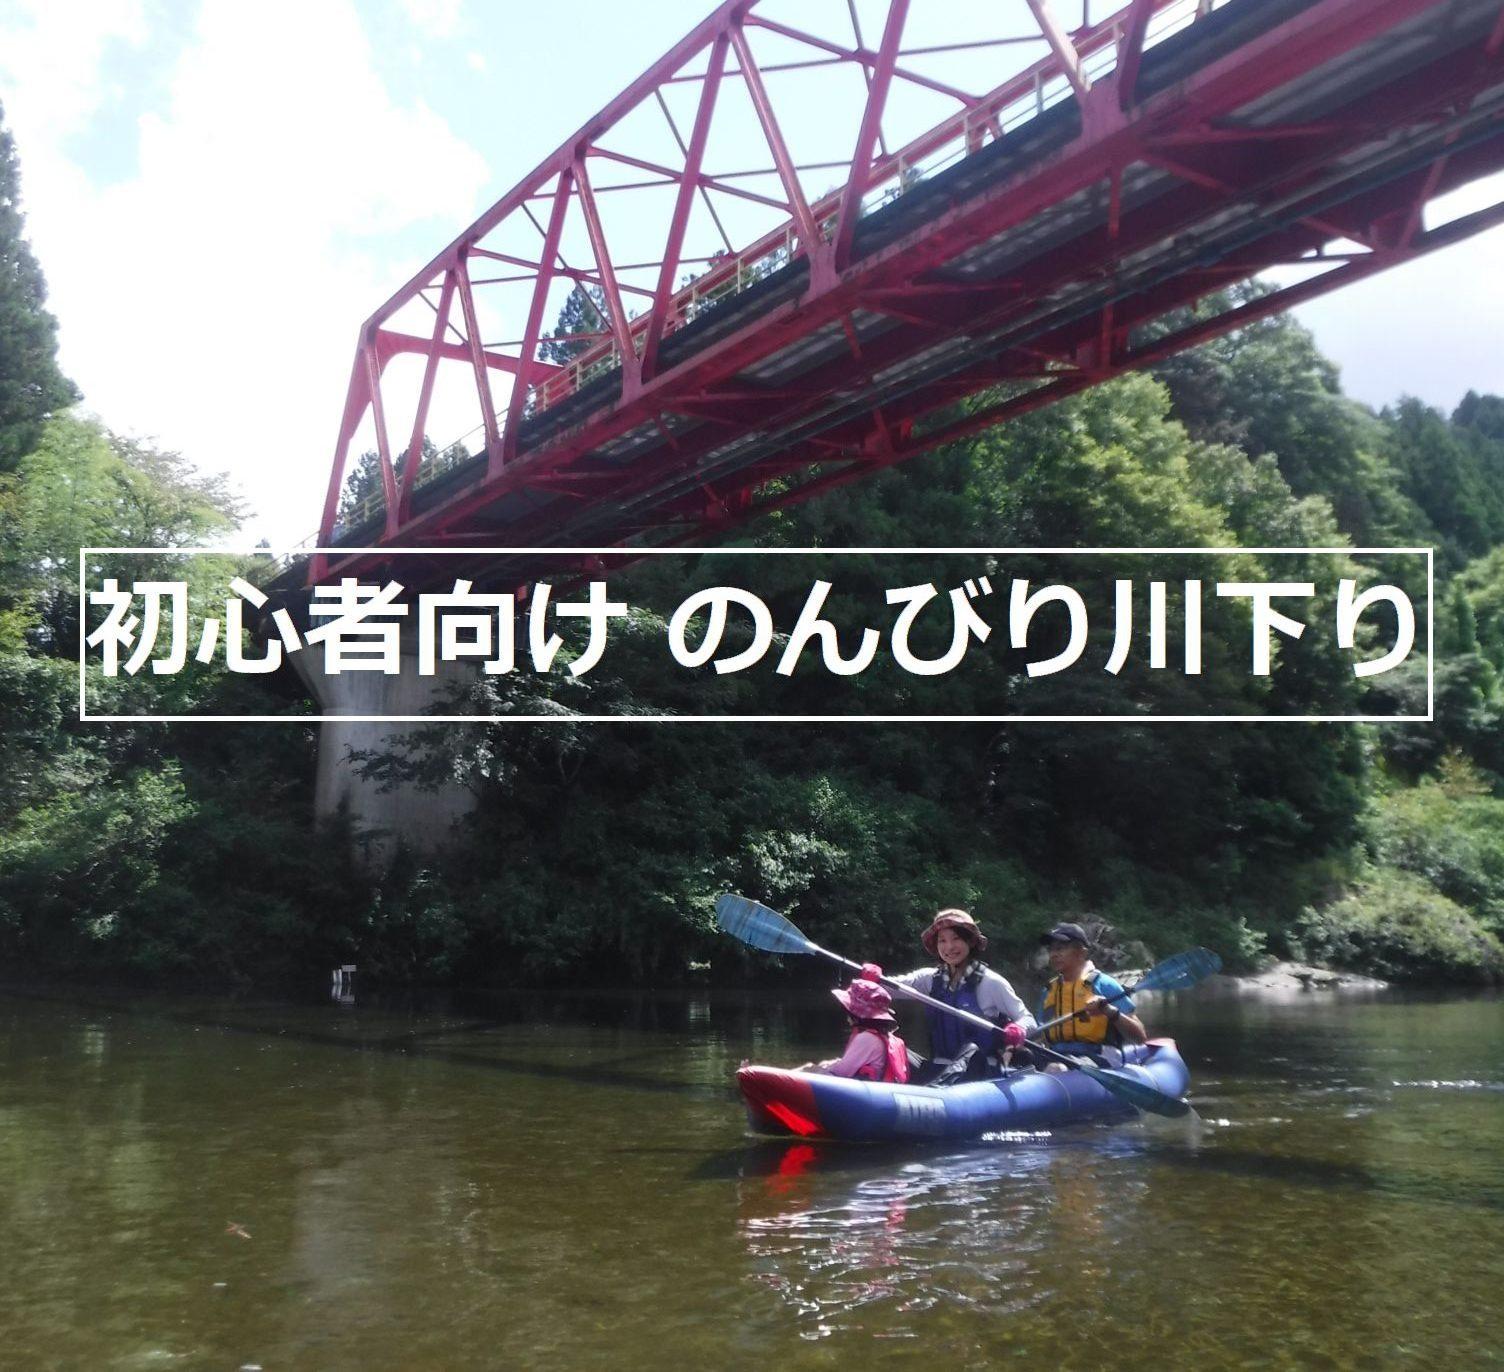 初心者向けのんびり川下り